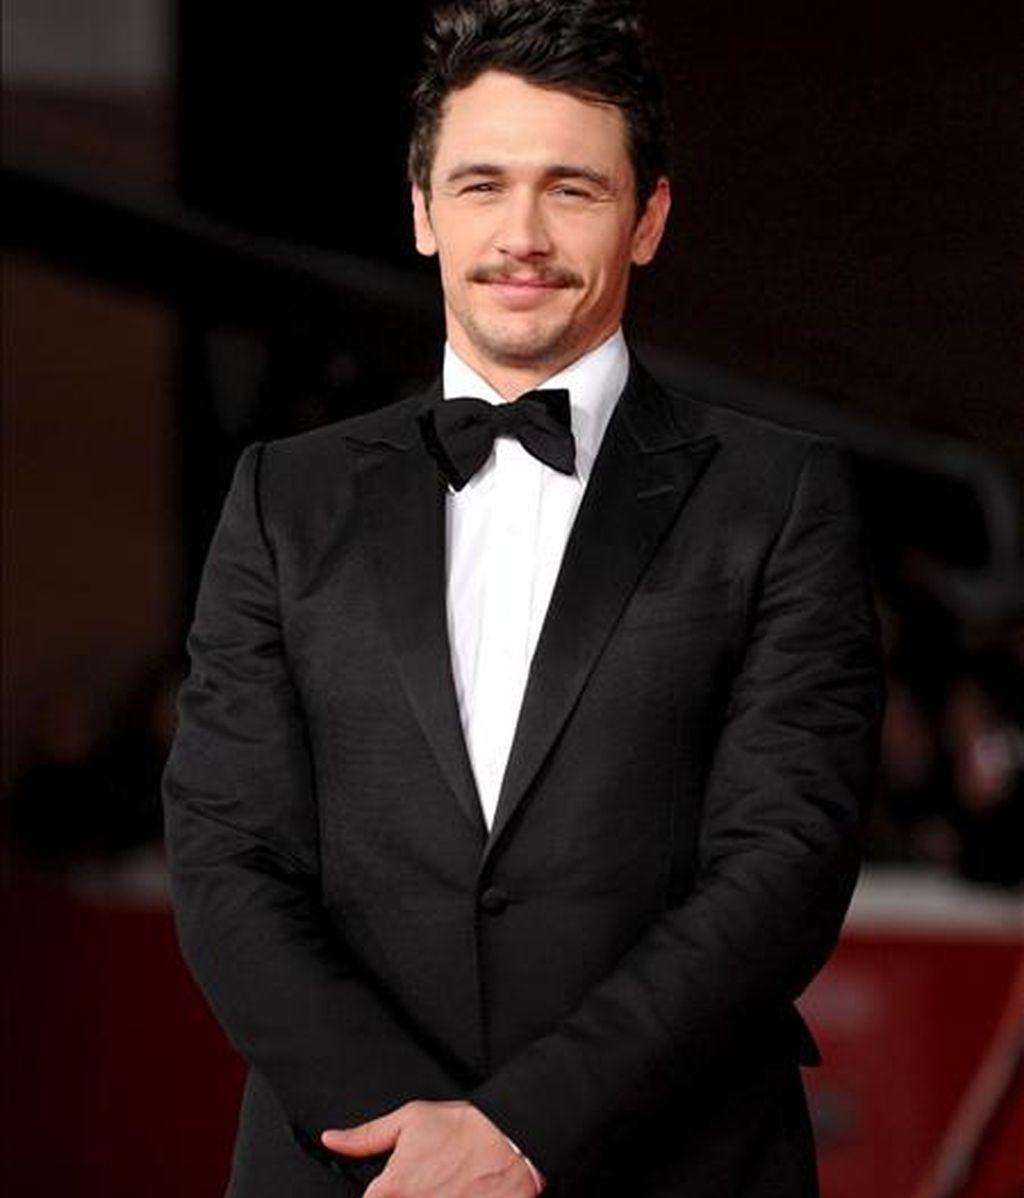 """Para James Franco, intérprete de filmes como """"Eat, Love, Pray"""", """"Date Night"""", """"Milk"""", """"Pineapple Express"""" y la saga """"Spider-Man"""", será la segunda vez que aparezca en la gala de los Óscar. EFE/Archivo"""